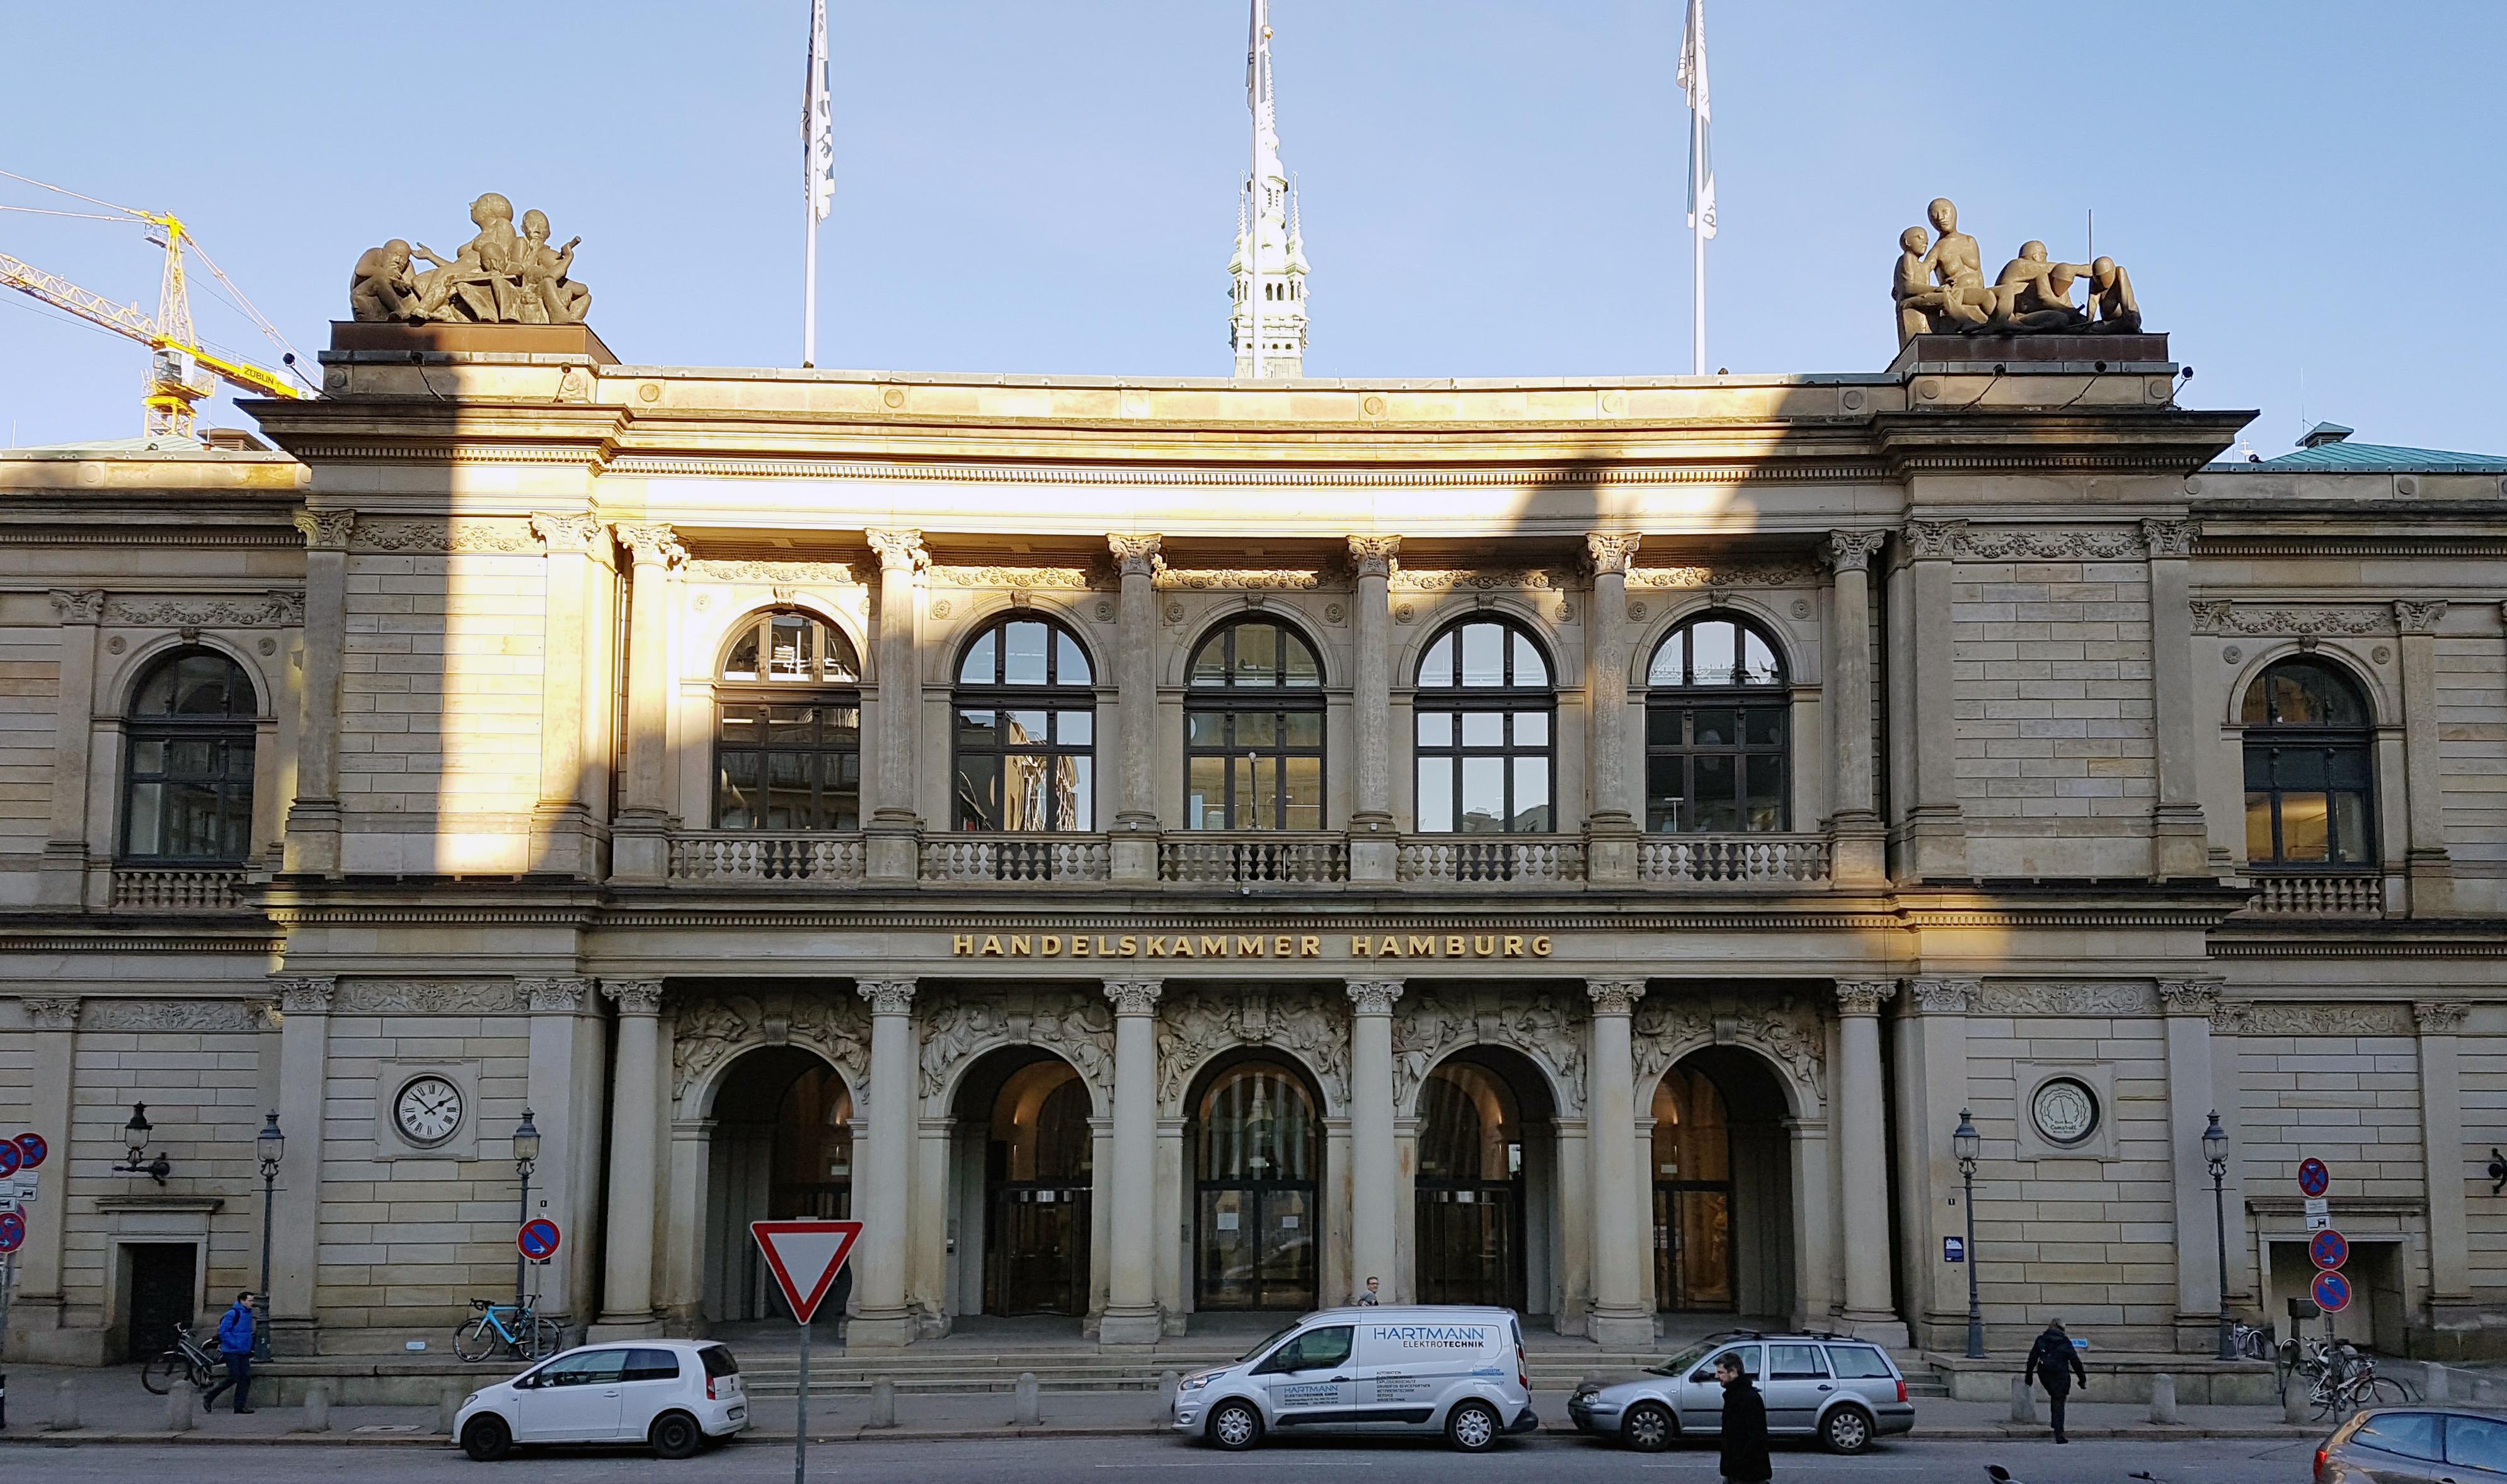 Haupteingang der Handelskammer Hamburg